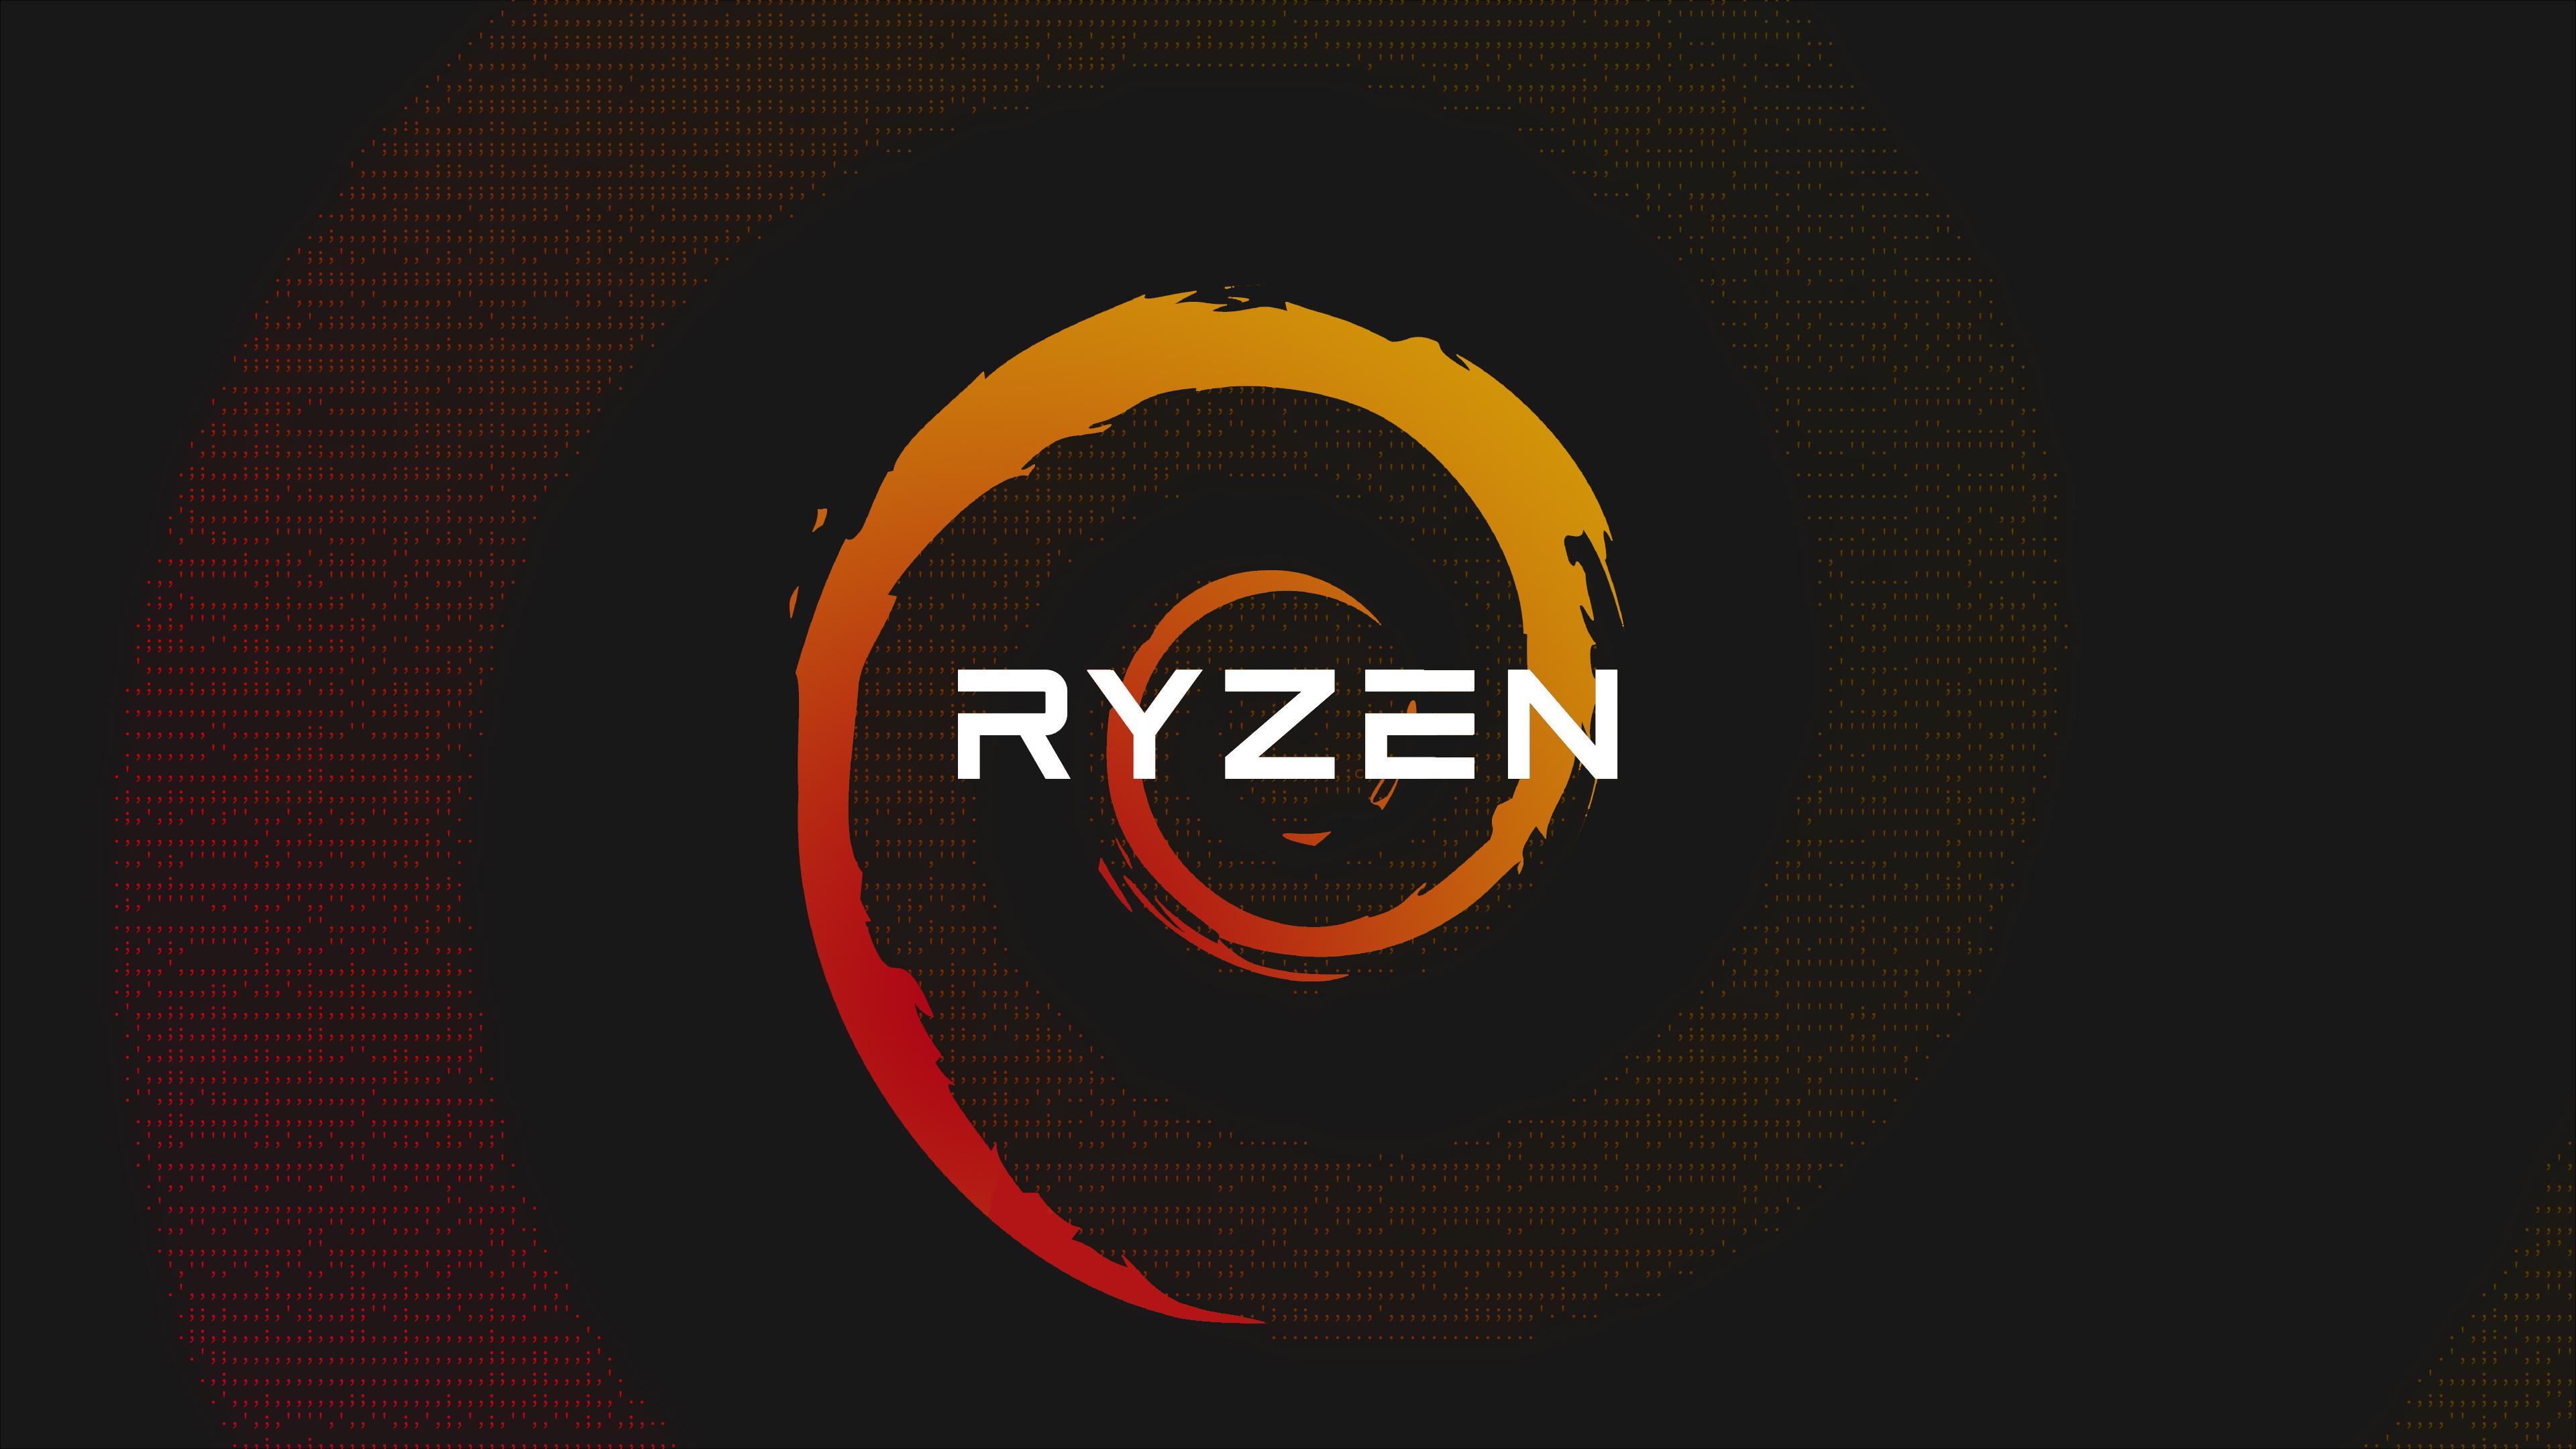 Wallpaper Ryzen Red Yellow Tech Technology 3840x2160